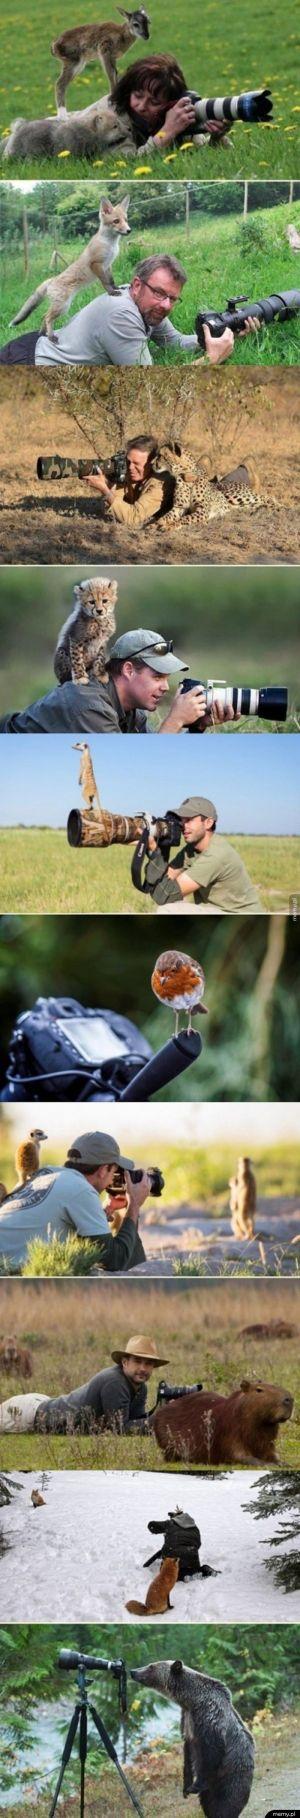 Kiedy jesteś kiepskim fotografem, ale zwierzęta chcą ci pomóc.